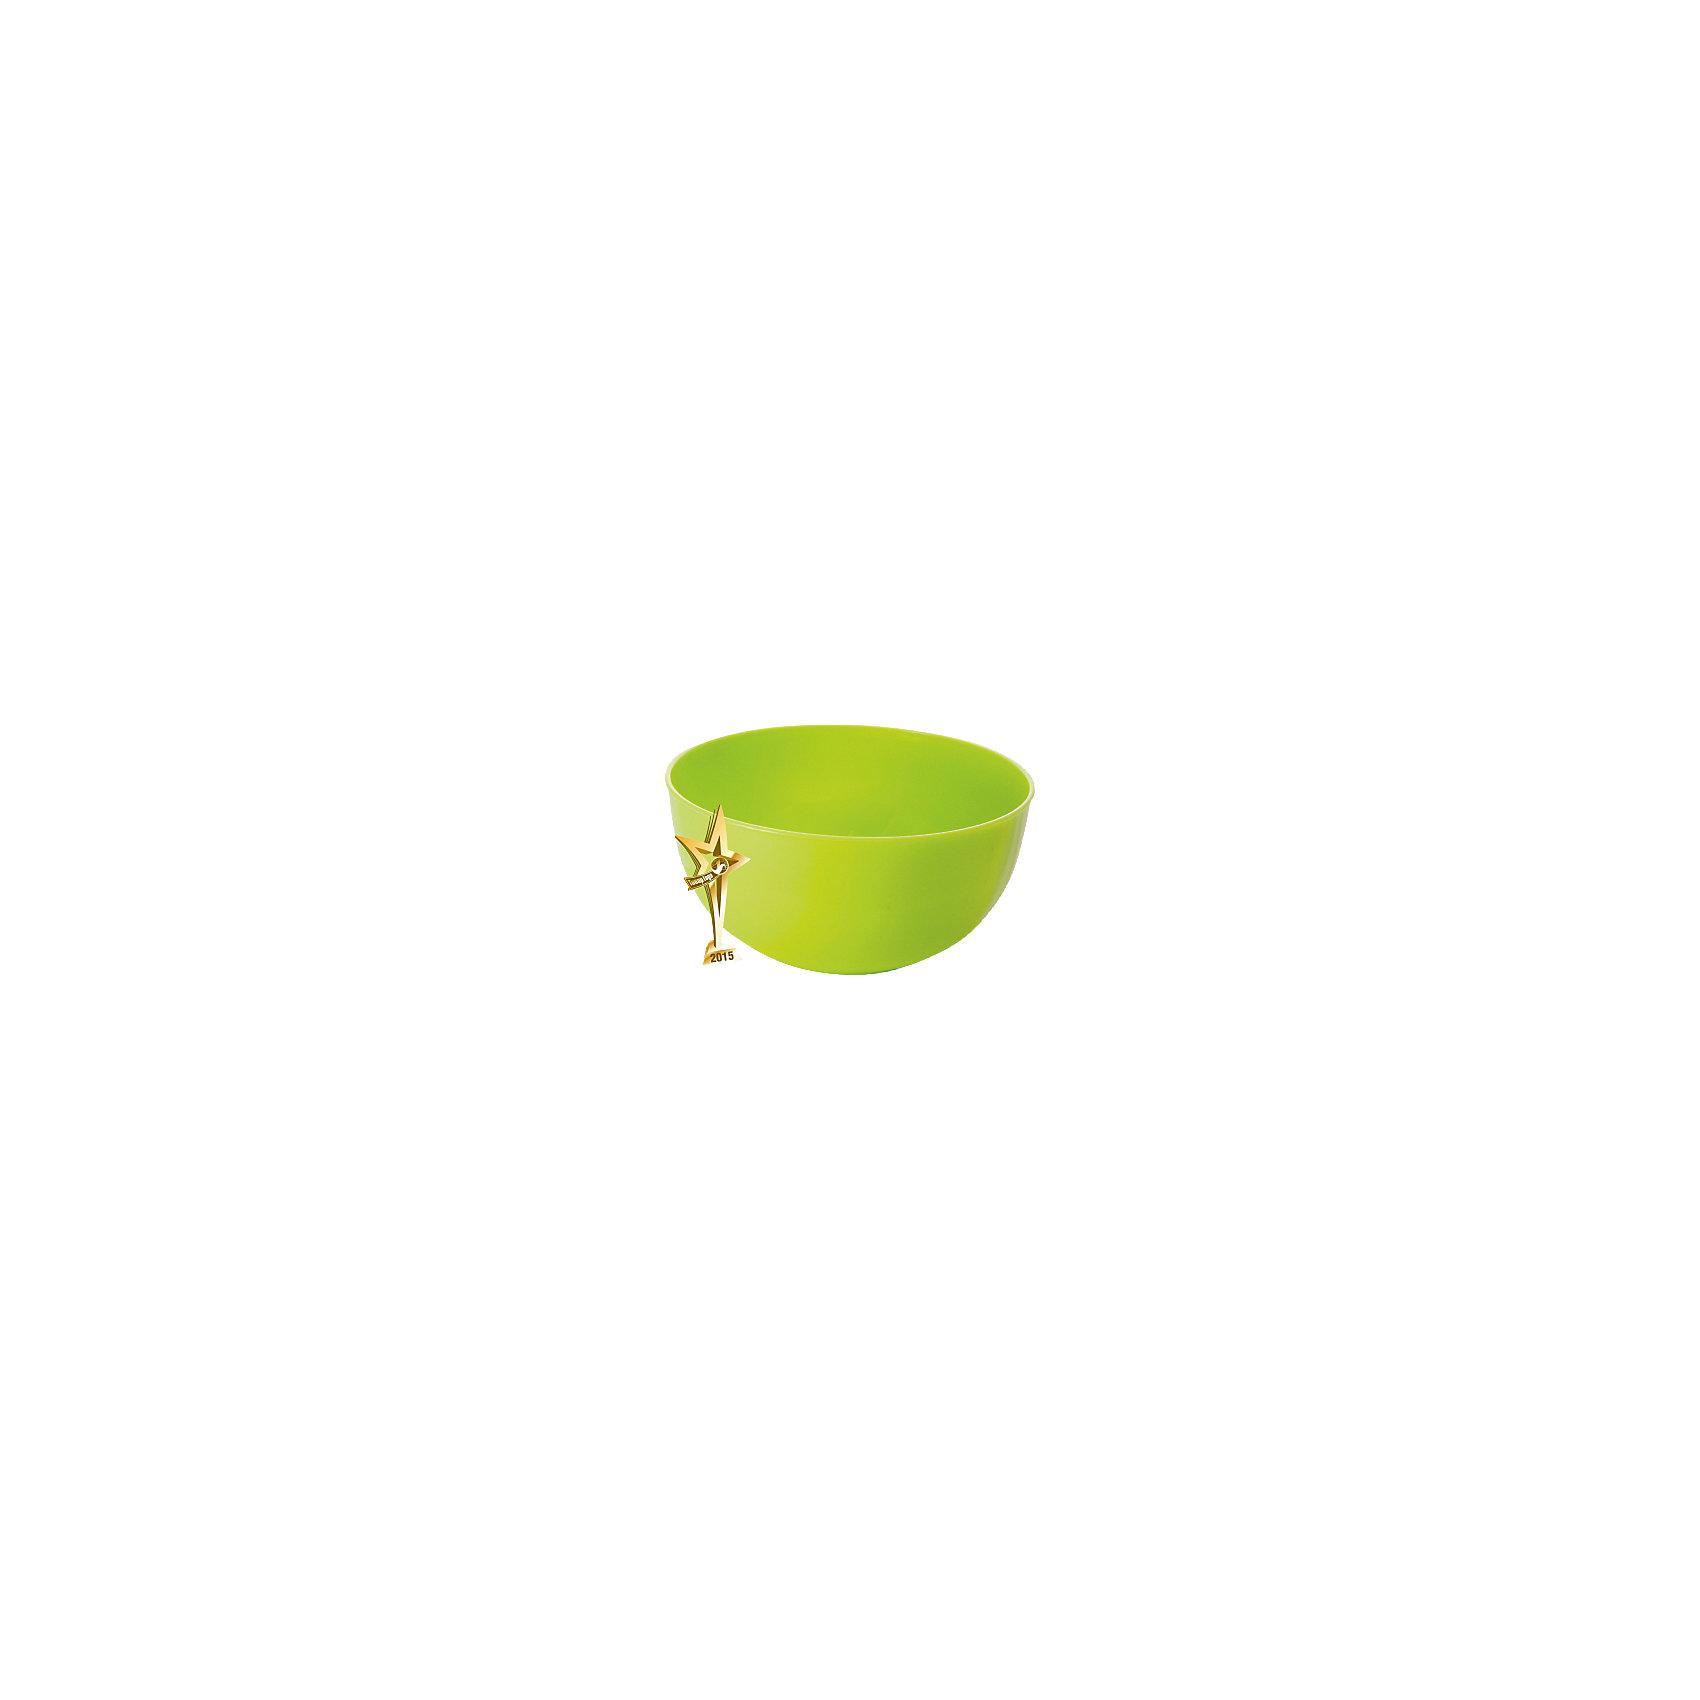 Салатник Galaxy 2,5 л, Plastic CentreПосуда<br>Наш многофункциональный салатник прекрасно подходит как для приготовления, так и для подачи различных блюд на стол. Лаконичный дизайн впишется в любую обстановку кухни.<br><br>Ширина мм: 210<br>Глубина мм: 210<br>Высота мм: 103<br>Вес г: 119<br>Возраст от месяцев: 216<br>Возраст до месяцев: 1188<br>Пол: Унисекс<br>Возраст: Детский<br>SKU: 5545693